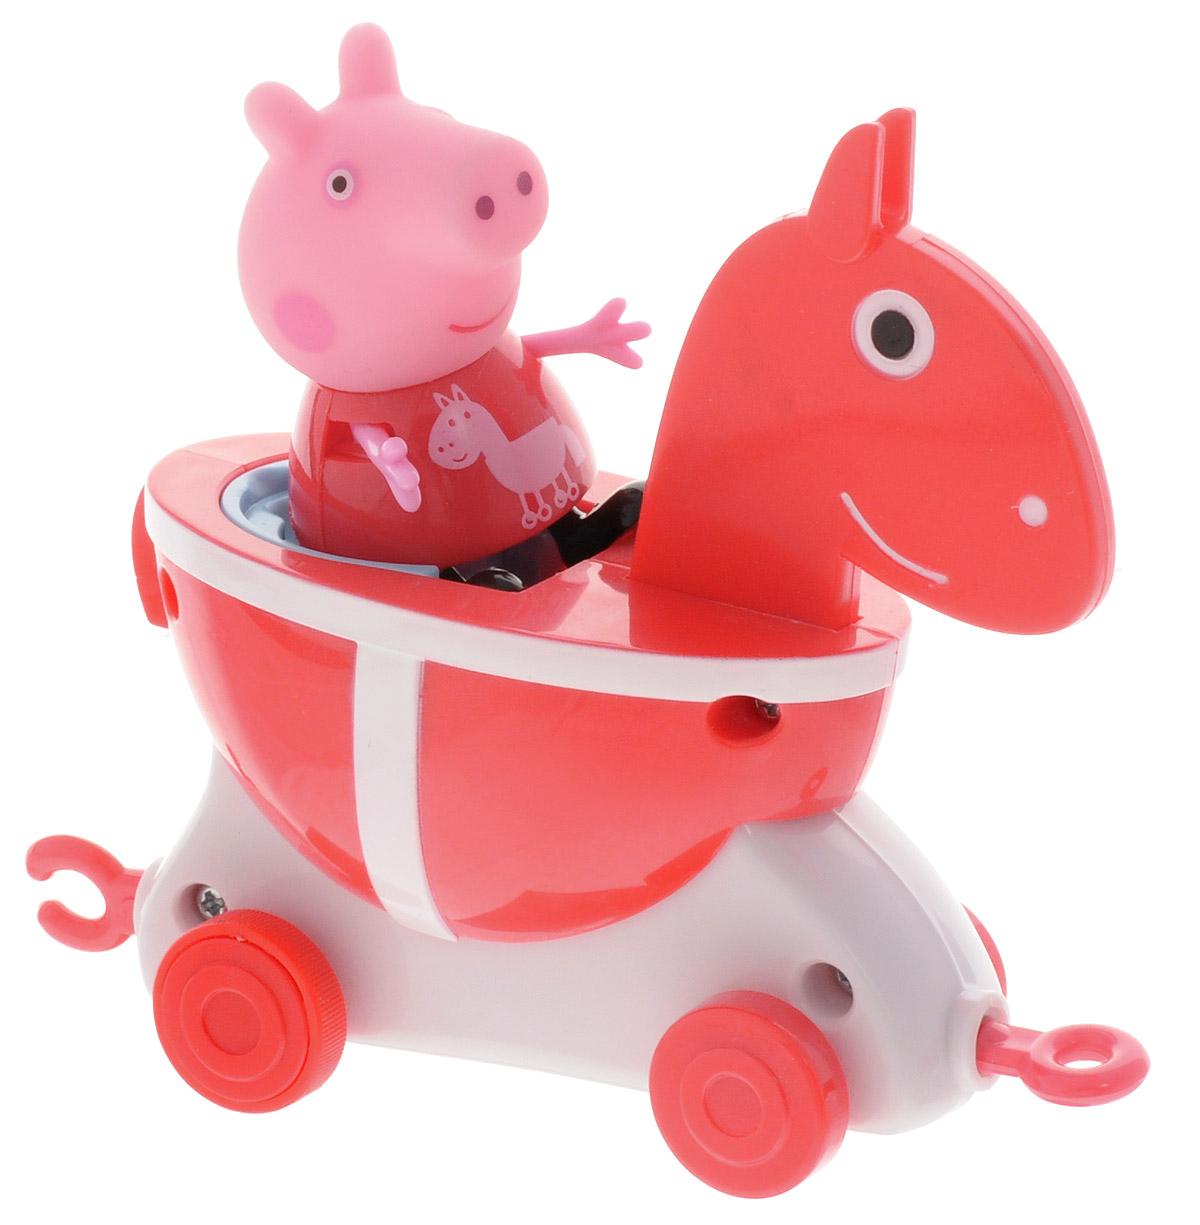 Peppa Pig Игровой набор Пеппа и Каталка Лошадка31011Игровой набор Peppa Pig Пеппа и Каталка Лошадка станет замечательным подарком для каждого поклонника мультфильма Свинка Пеппа. В наборе фигурка Пеппы и каталка-лошадка. Привяжите веревочку к специальному держателю и посадите фигурку Пеппы на сидение, чтобы ваш малыш мог возить каталку за собой. Лошадка оборудована колесиками и покачивается во время движения. Ручки и ножки фигурки двигаются. Игрушки выполнены из высококачественного пластика. С такими фигурками малыш сможет увлеченно играть и дома, и на улице, и даже в ванне. Яркая окраска фигурок улучшает цветовое восприятие ребенка, а приятная на ощупь поверхность развивает тактильные ощущения. Порадуйте свое драгоценное чадо столь интересным и развлекательным подарком.